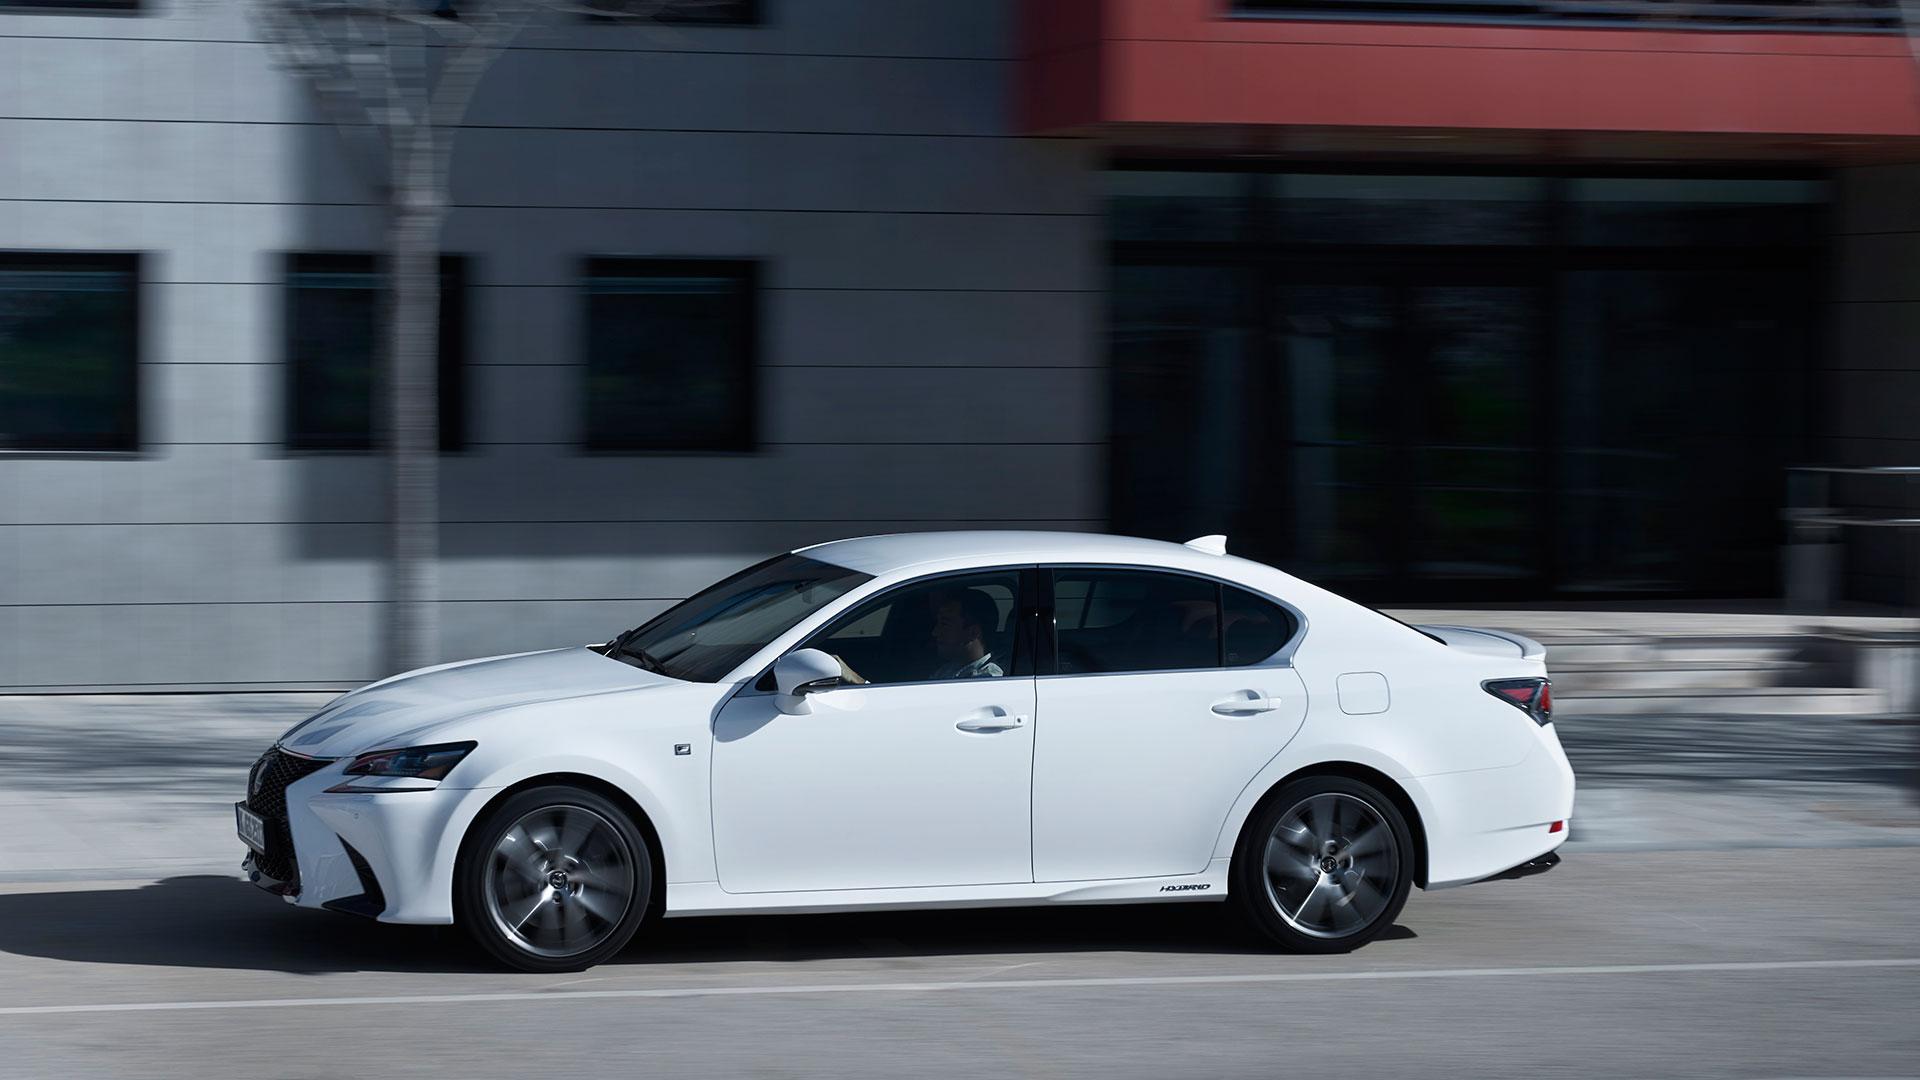 Lexus GS 450h asientos hero asset